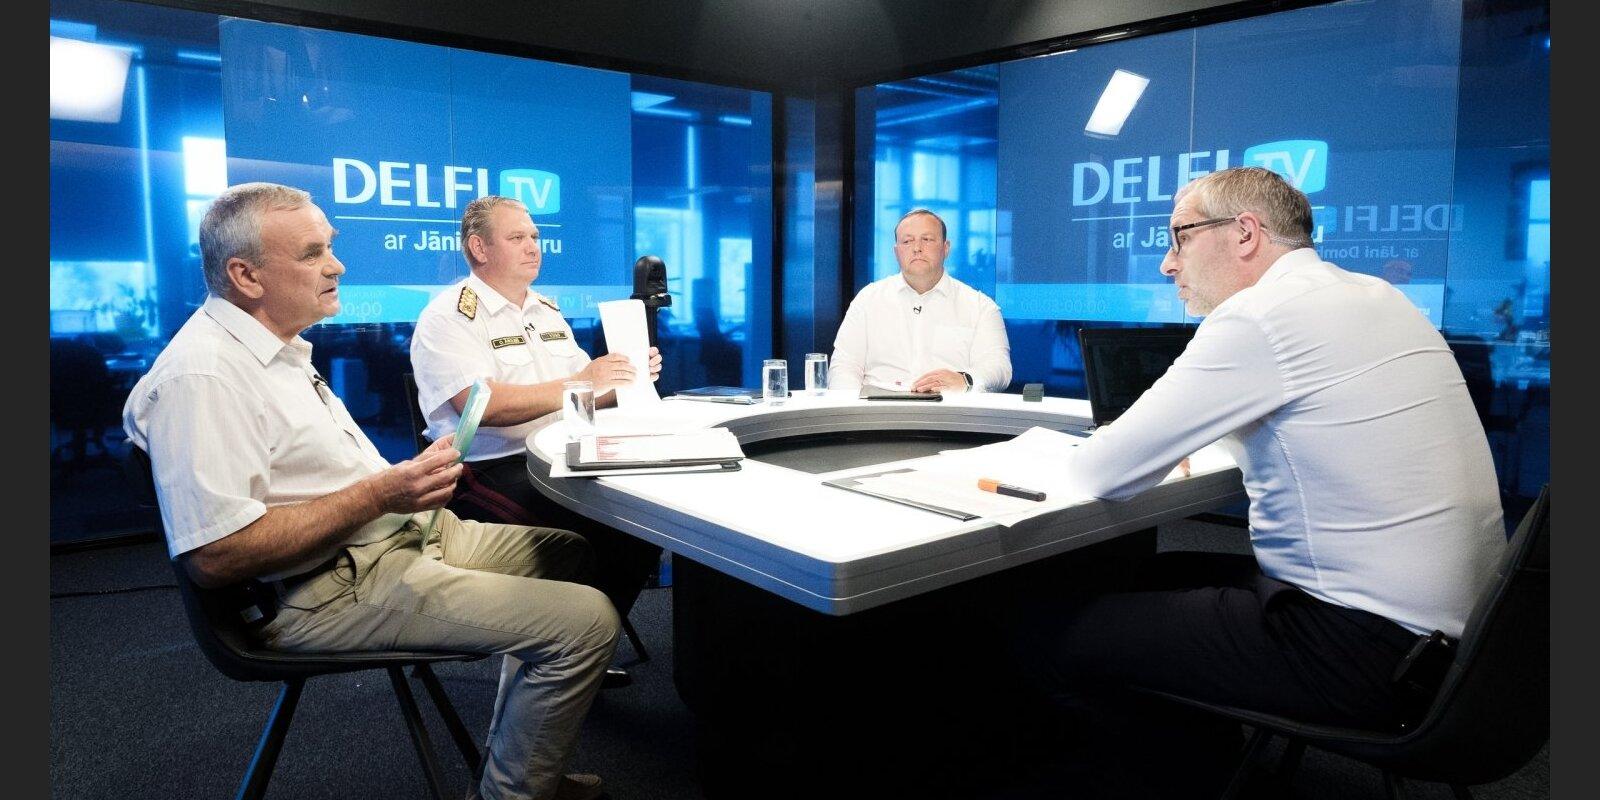 'Delfi TV ar Jāni Domburu' amatpersonas atbild par ugunsgrēku Valdgales pagastā. Sarunas teksts